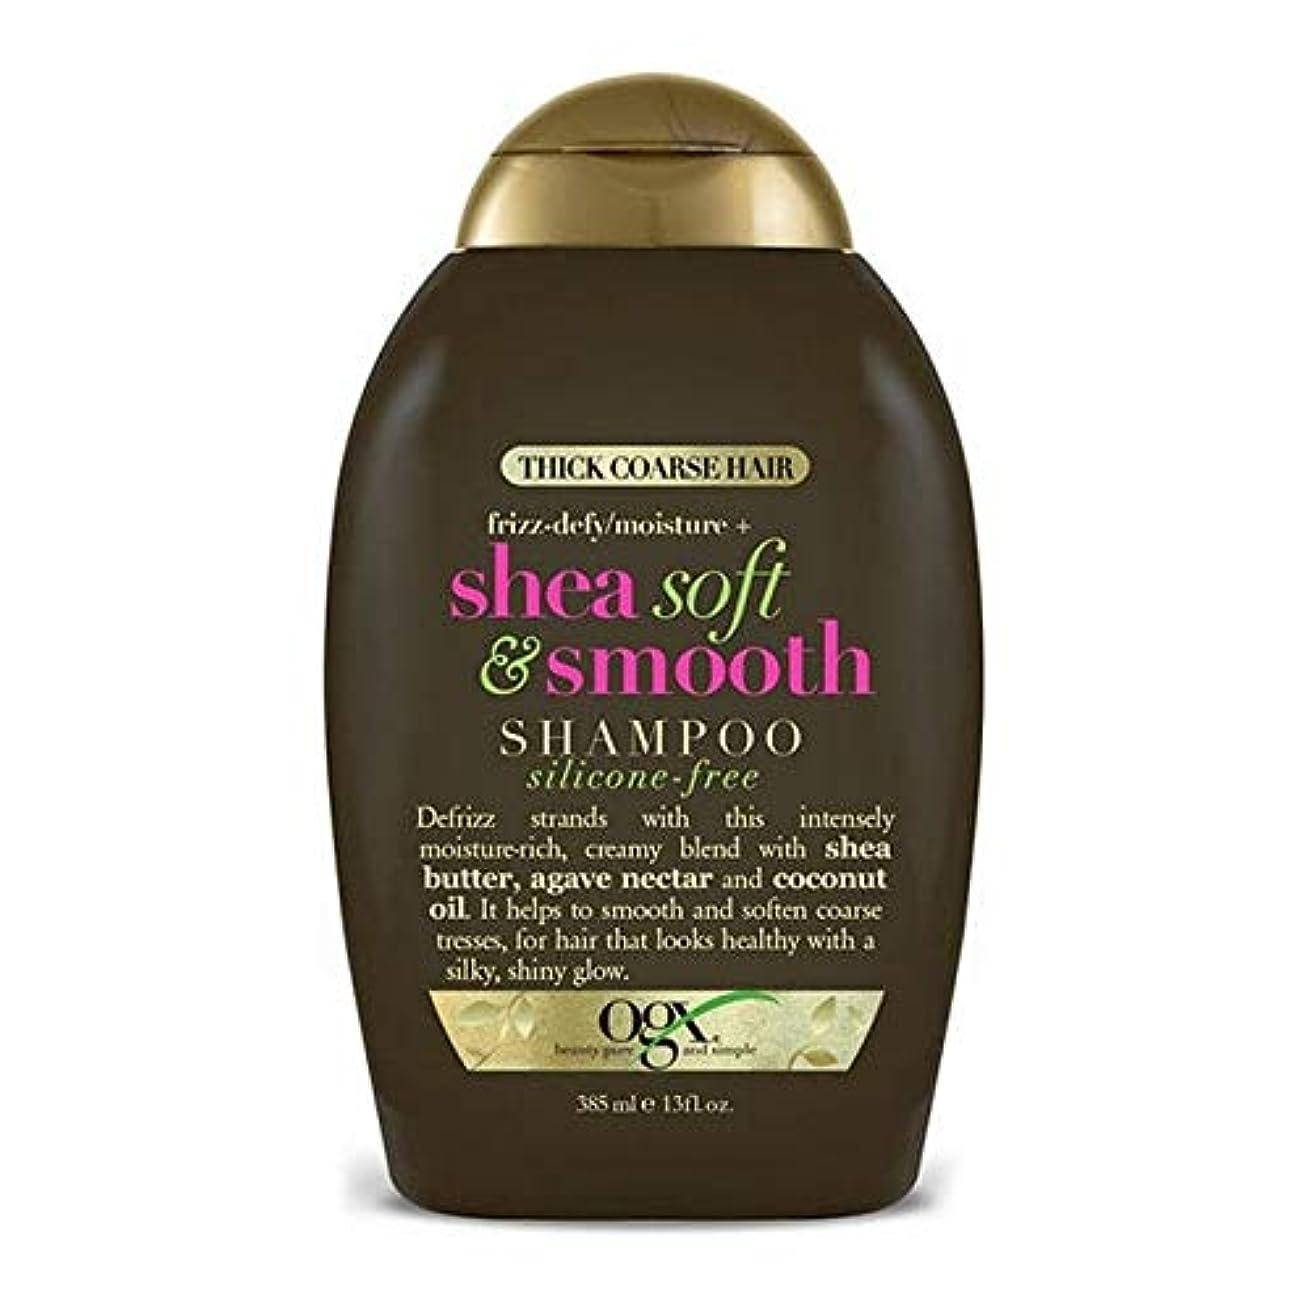 メッセージ抑圧しかしながら[Ogx] Ogxシリコンフリーシアソフトで滑らかなシャンプー385ミリリットル - OGX Silicone-Free Shea Soft and Smooth Shampoo 385ml [並行輸入品]